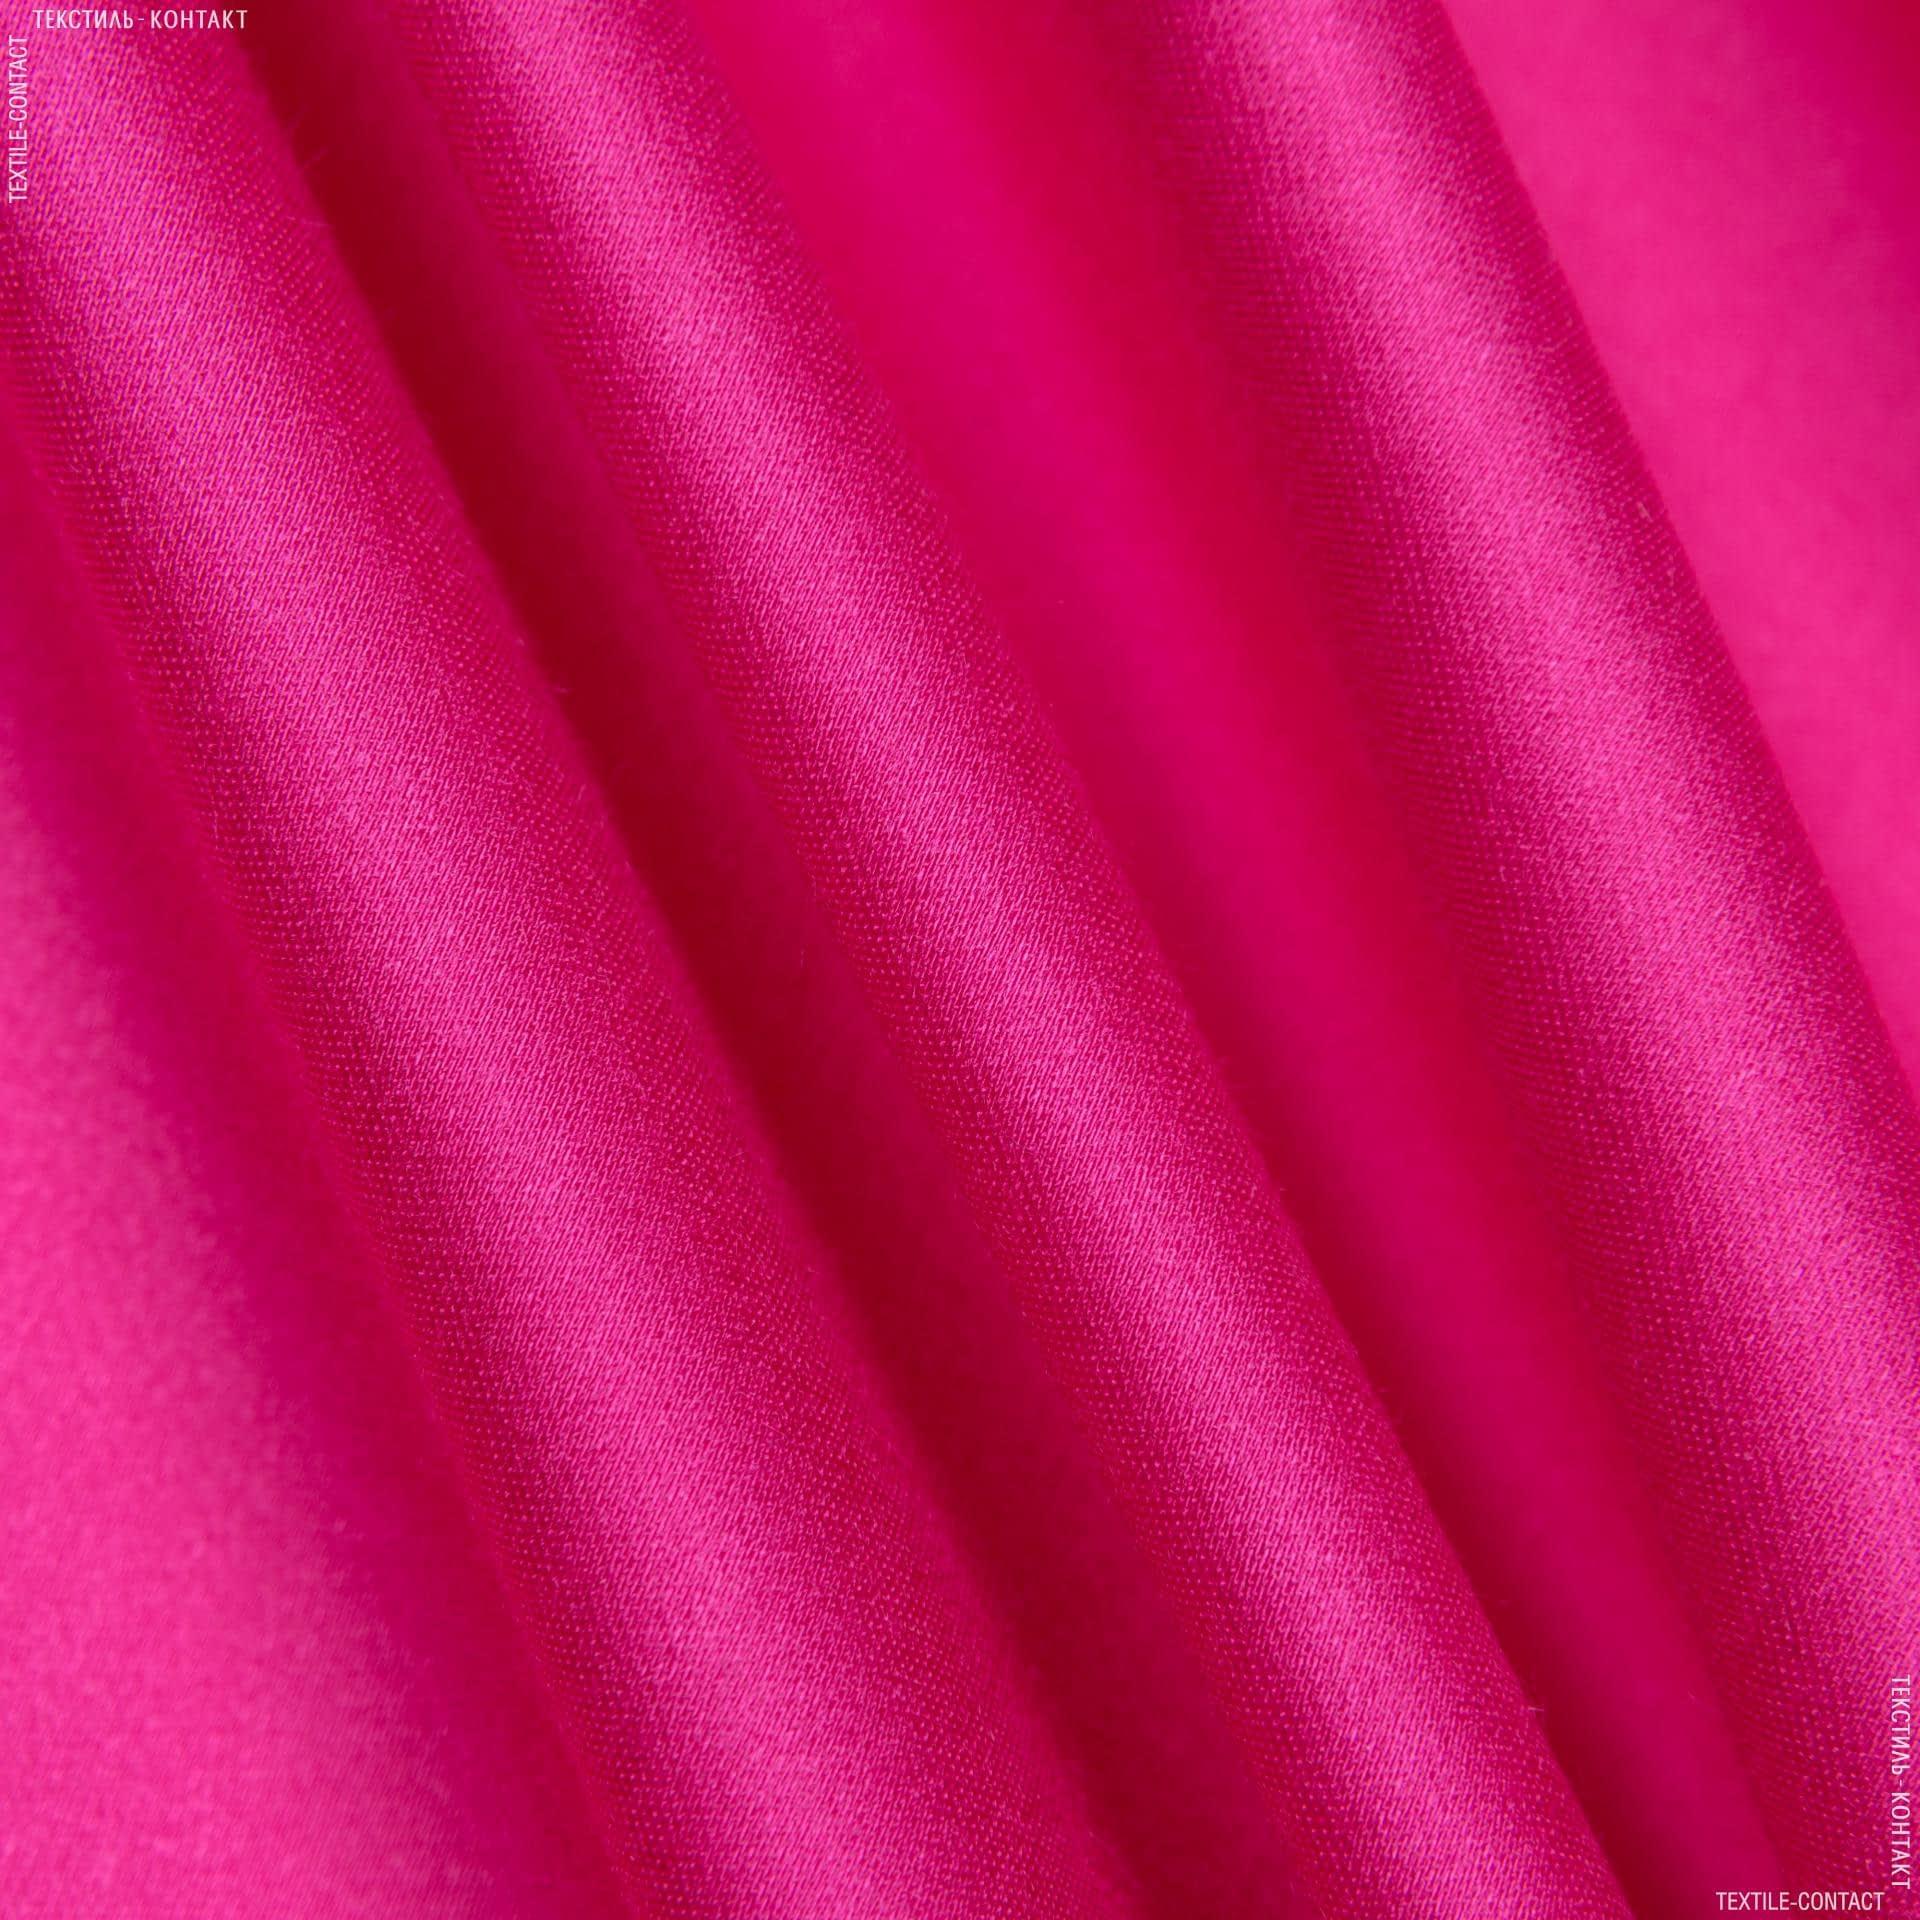 Ткани для костюмов - Костюмный сатин малиновый